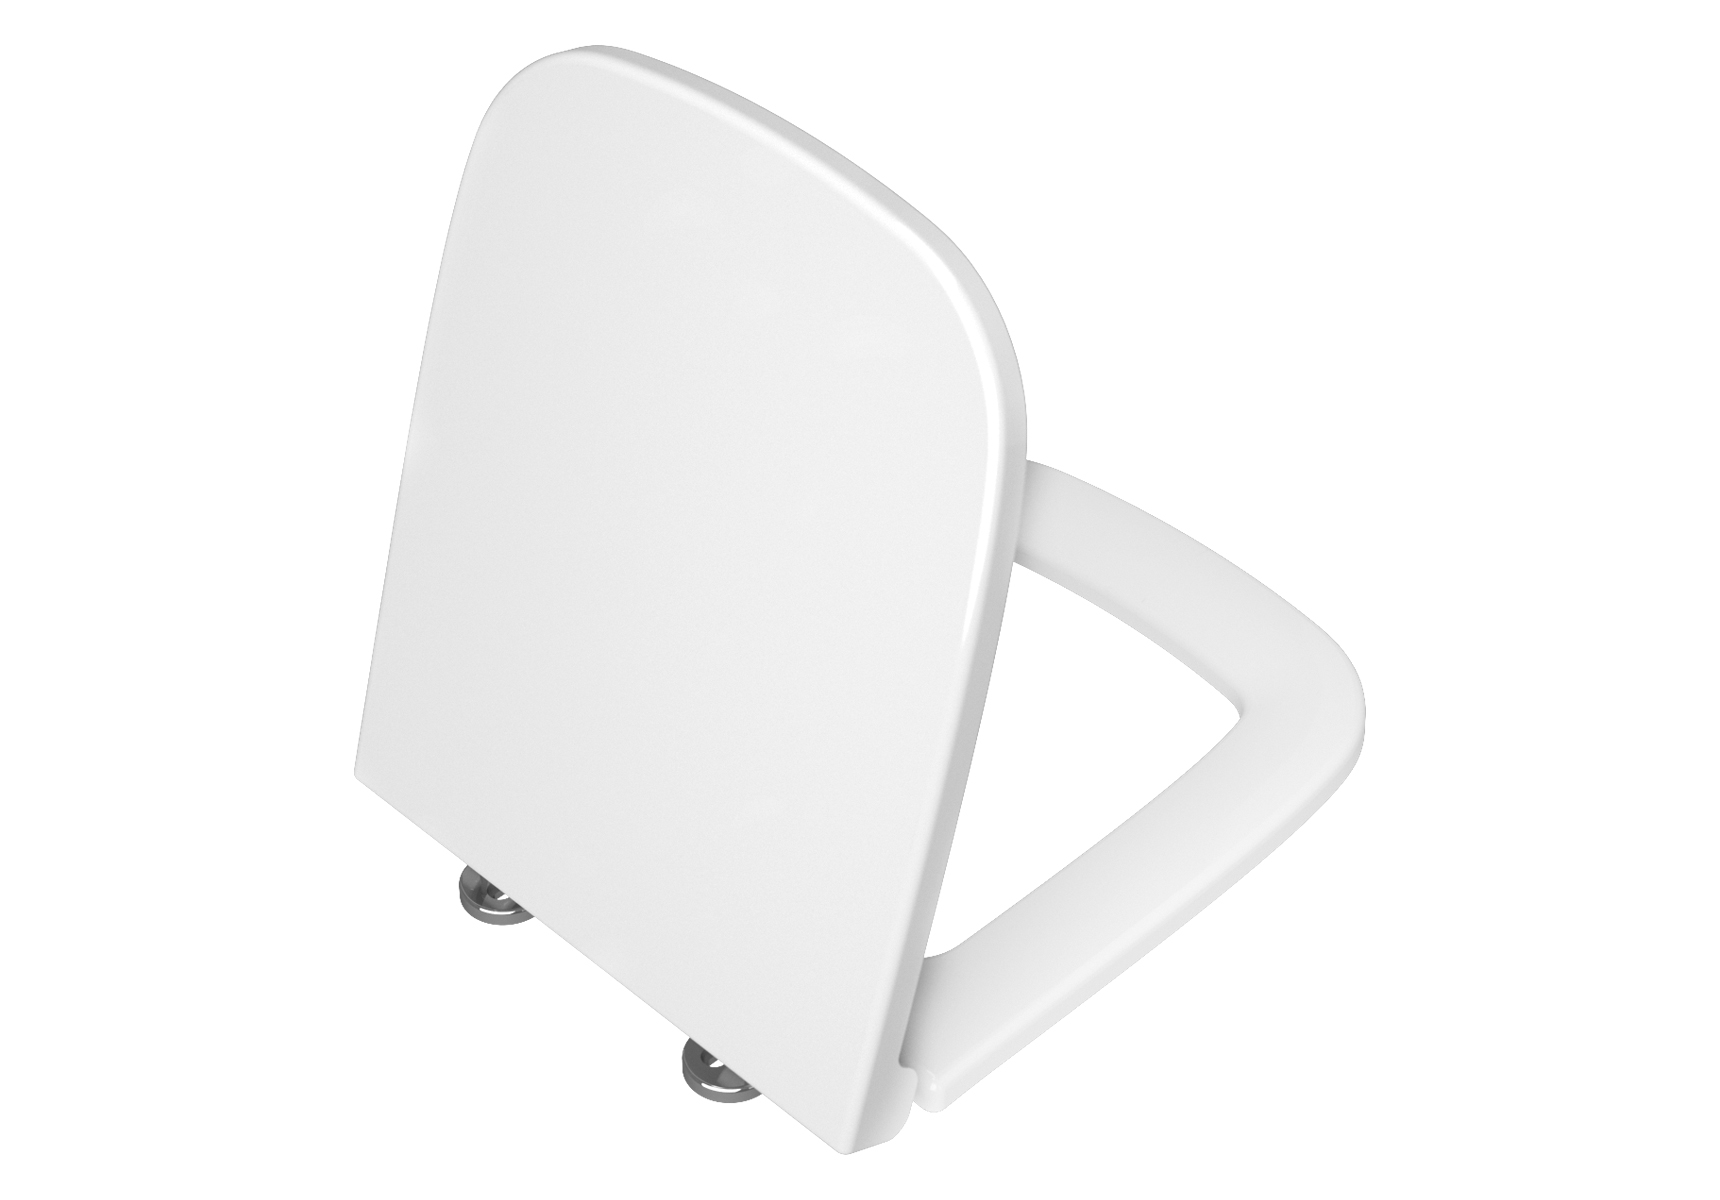 S20 WC-Sitz zu eckigen WCs mit Spülrand ohne Absenkautomatik, Weiß Hochglanz